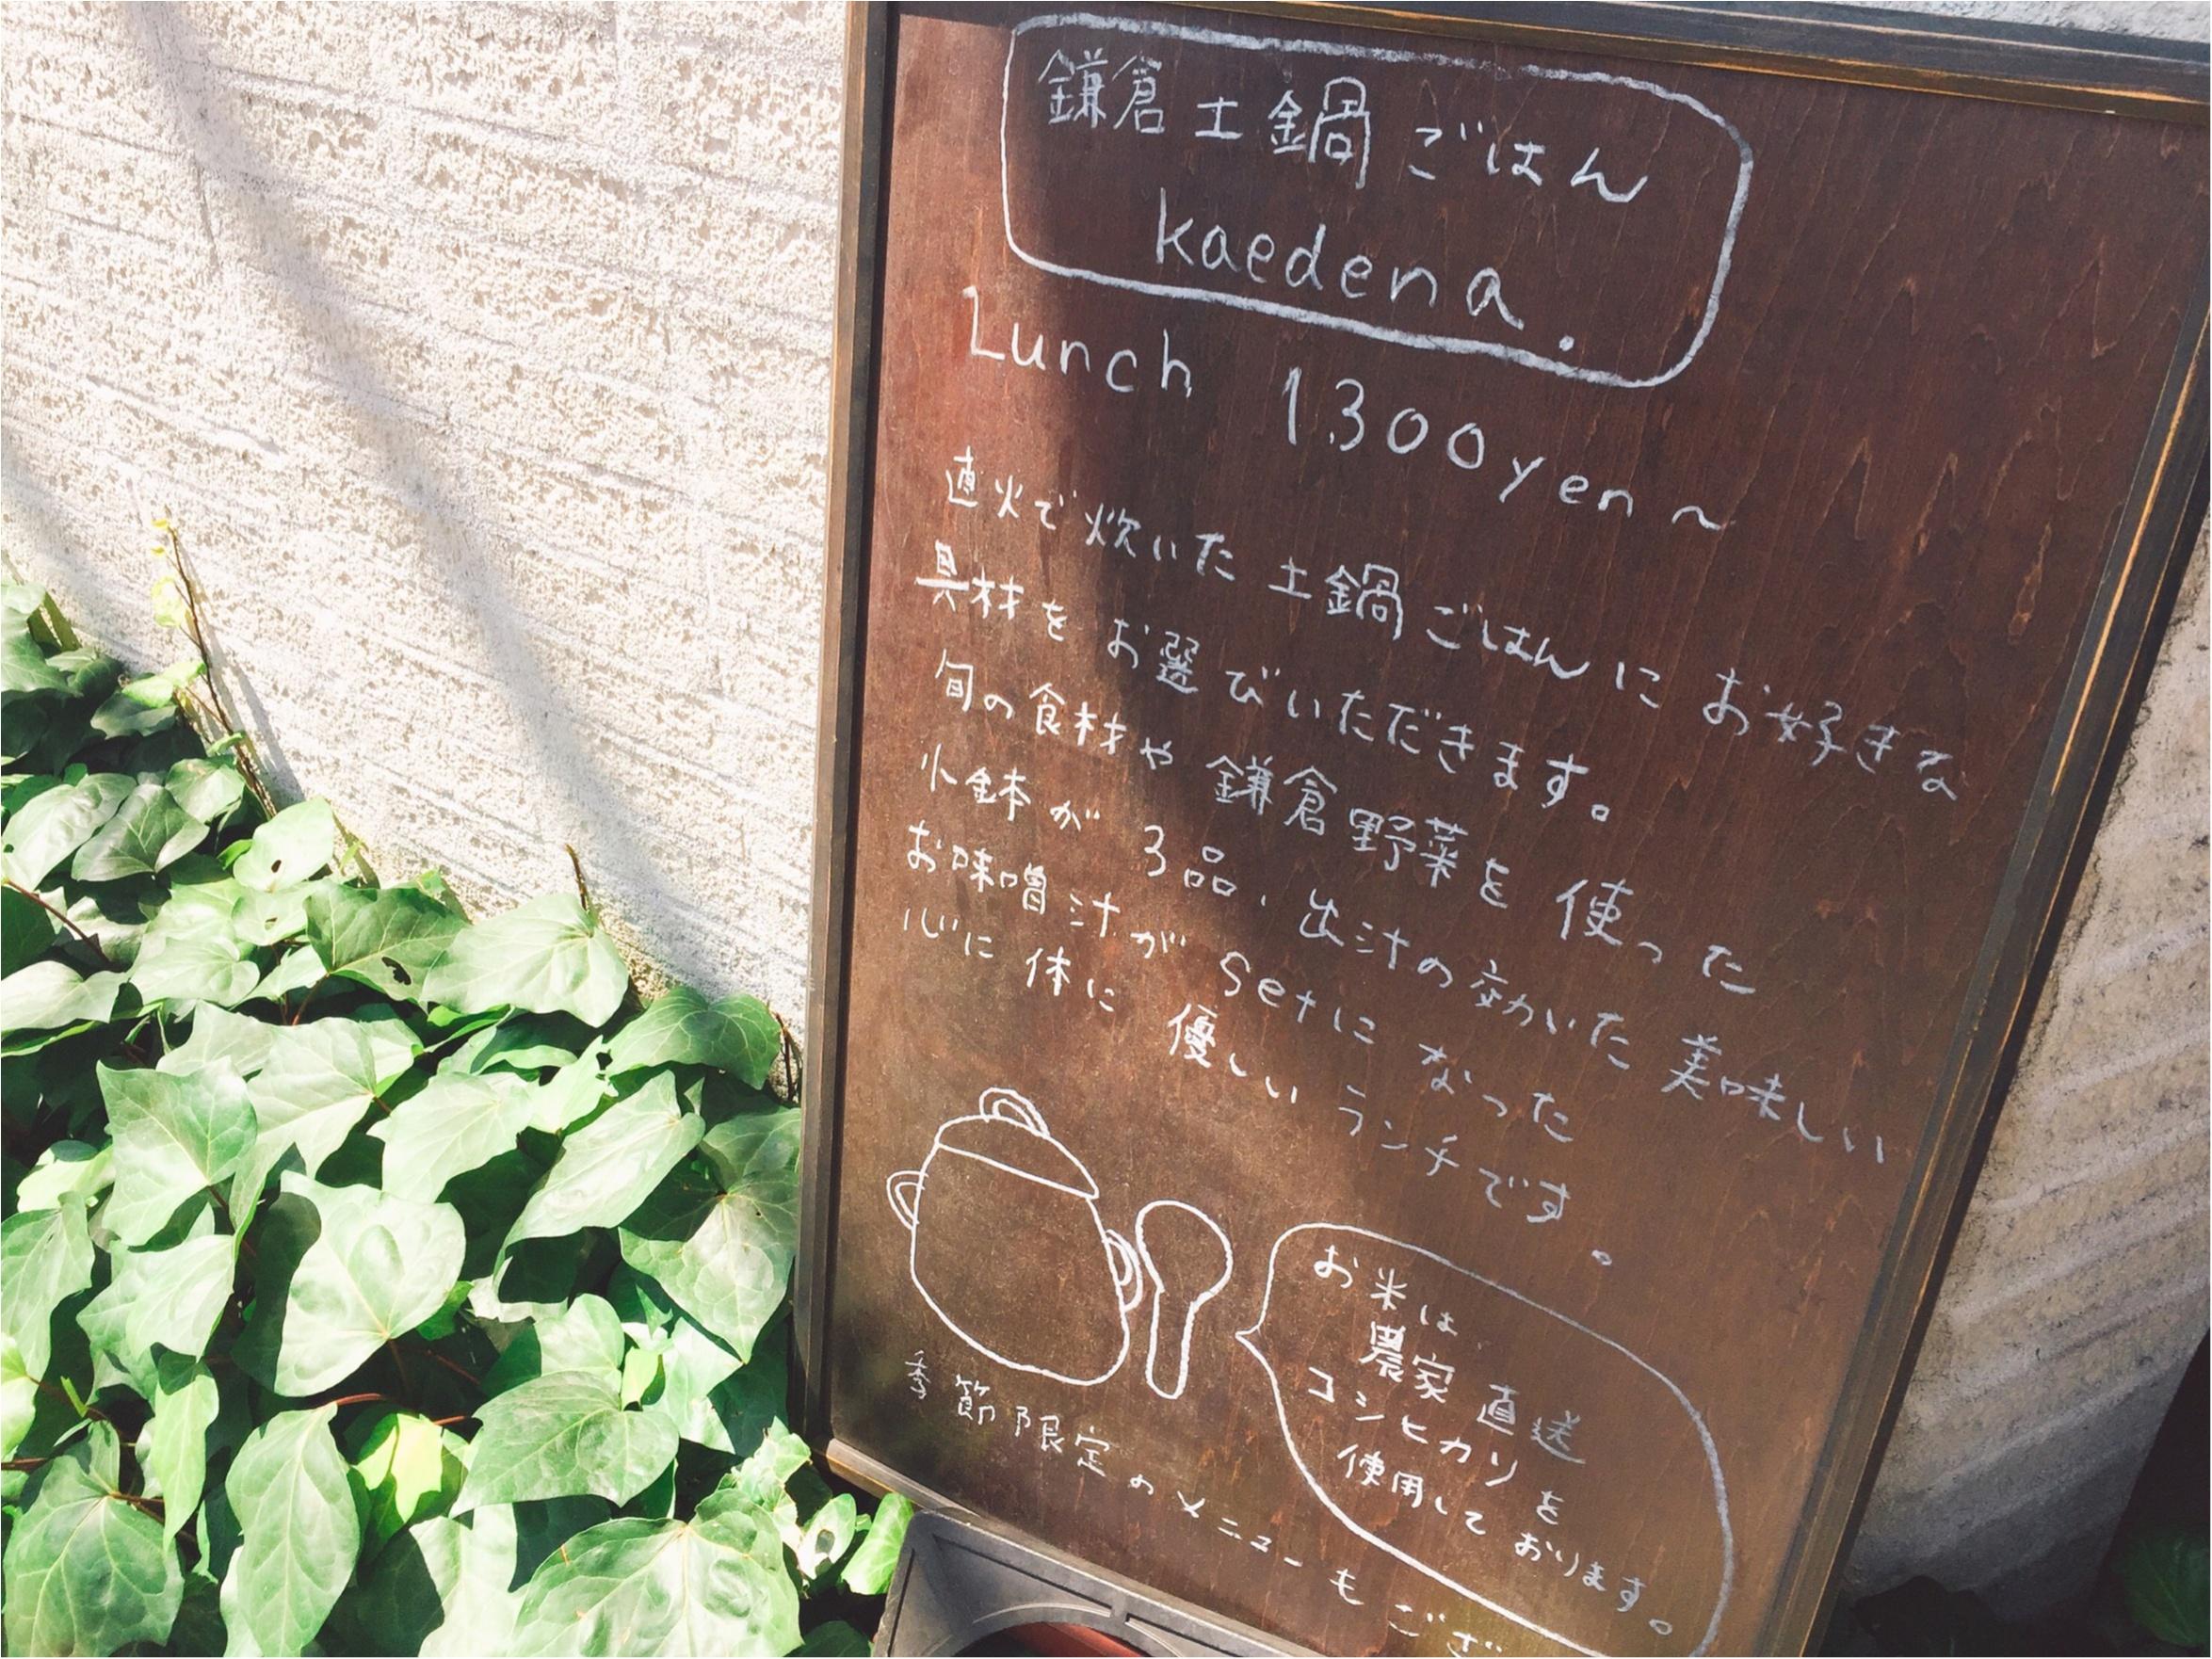 【鎌倉・長谷寺】紫陽花の待ち時間に行けちゃう!〇〇を使った美味しいごはん屋さん♬_2